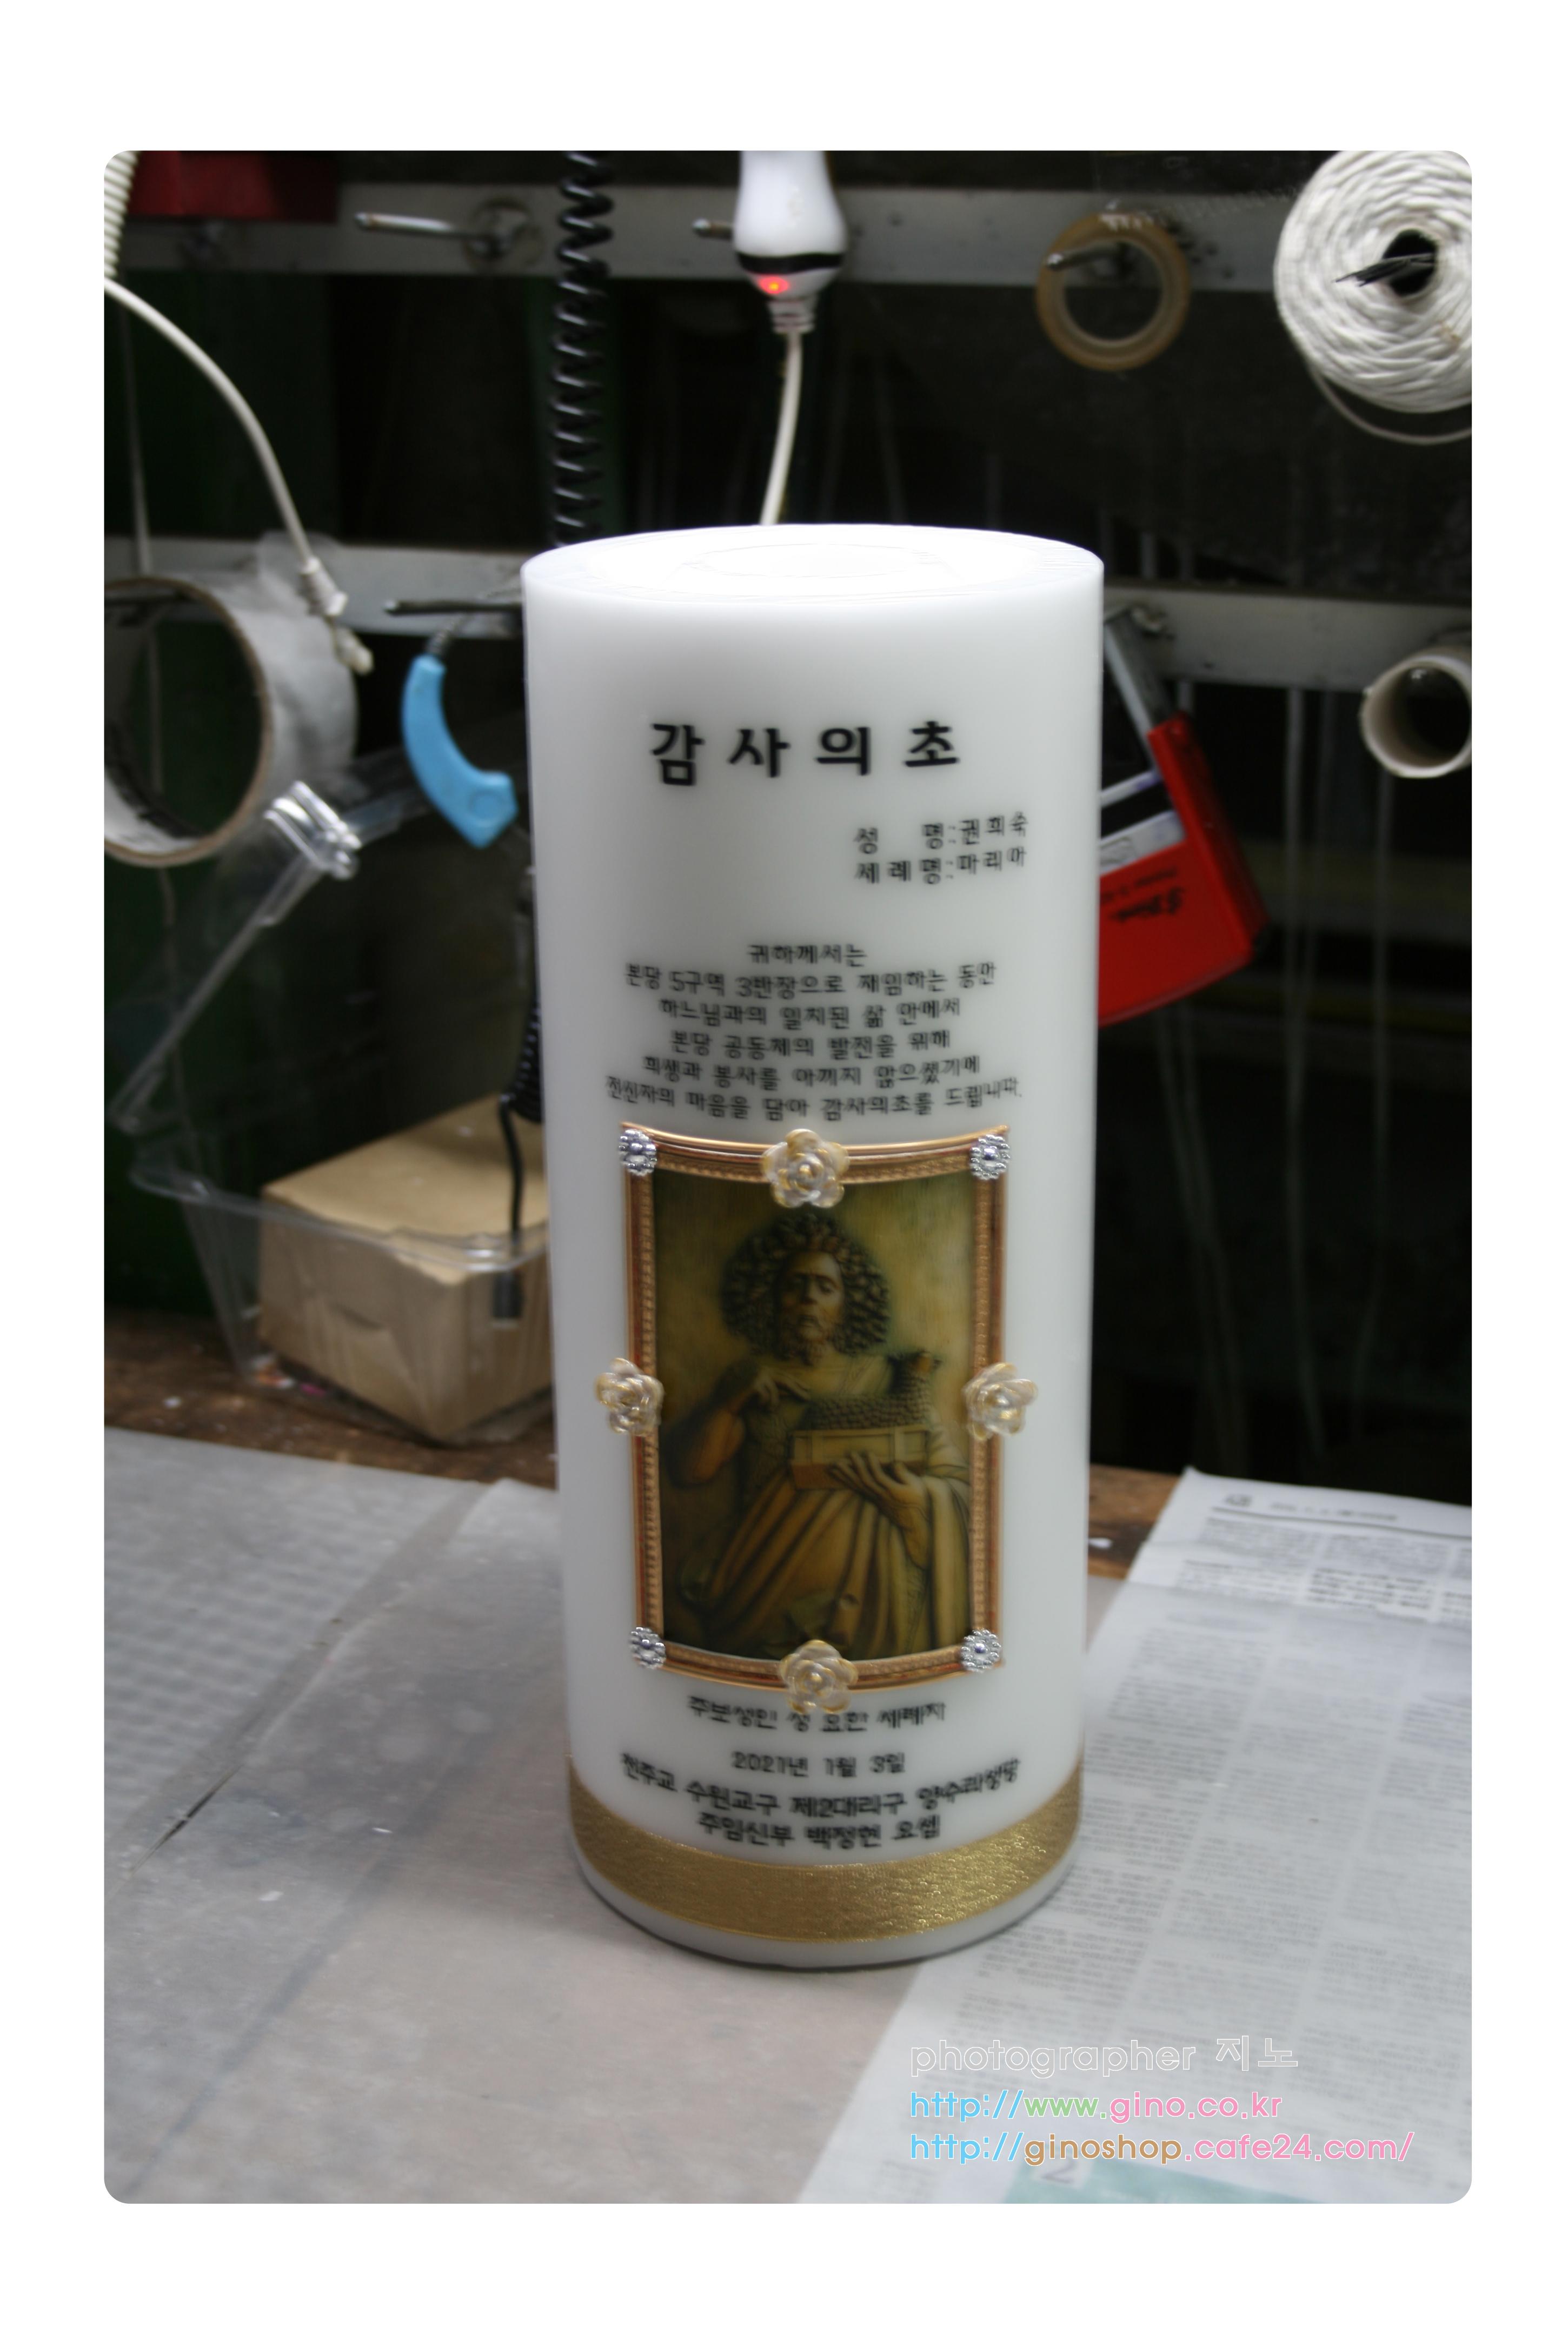 양수리성당 감사의초 양초 캔들 2021.1.3